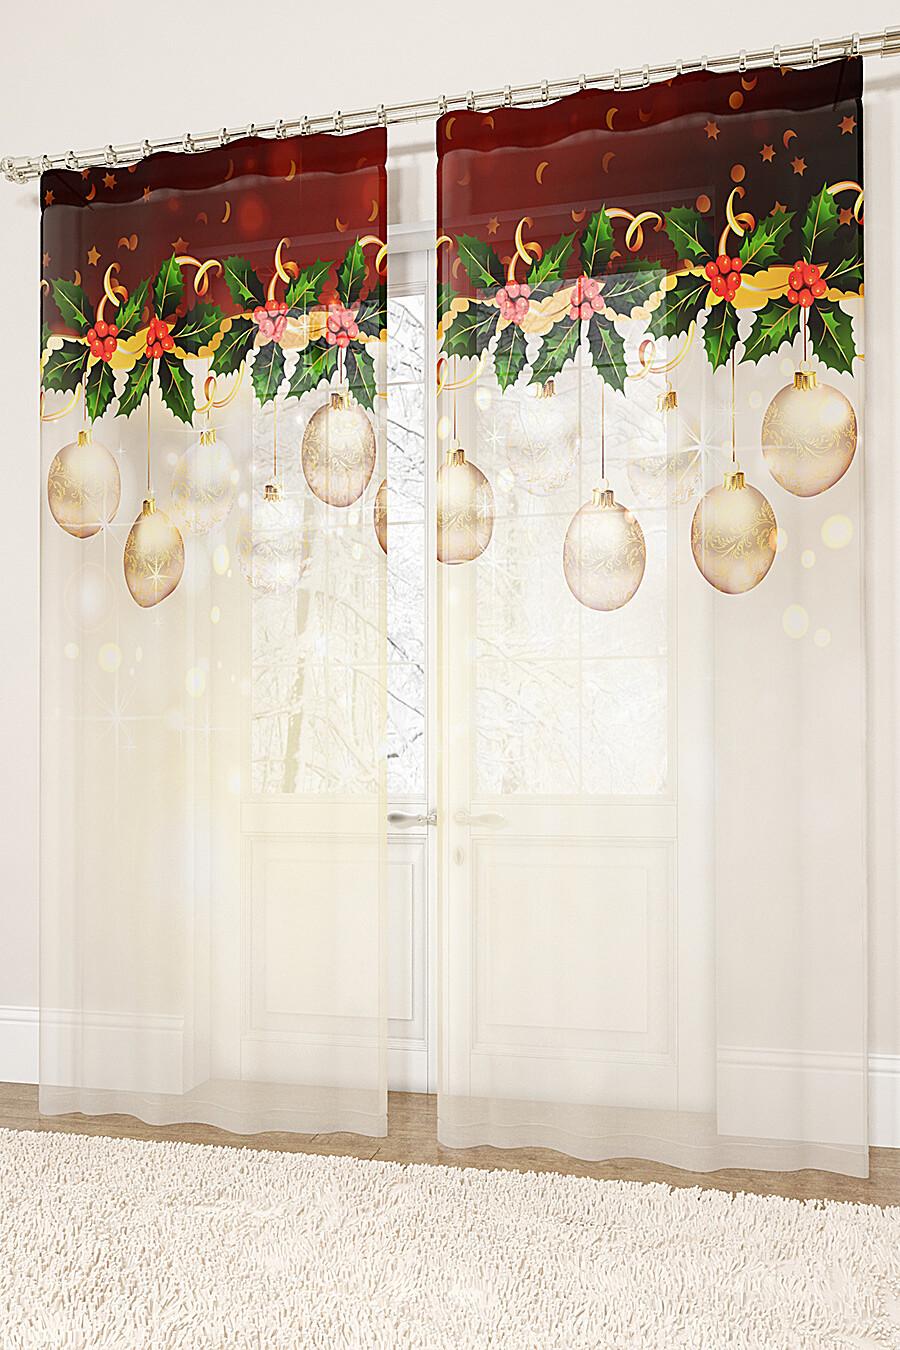 Фототюль для дома ART HOME TEXTILE 155703 купить оптом от производителя. Совместная покупка товаров для дома в OptMoyo